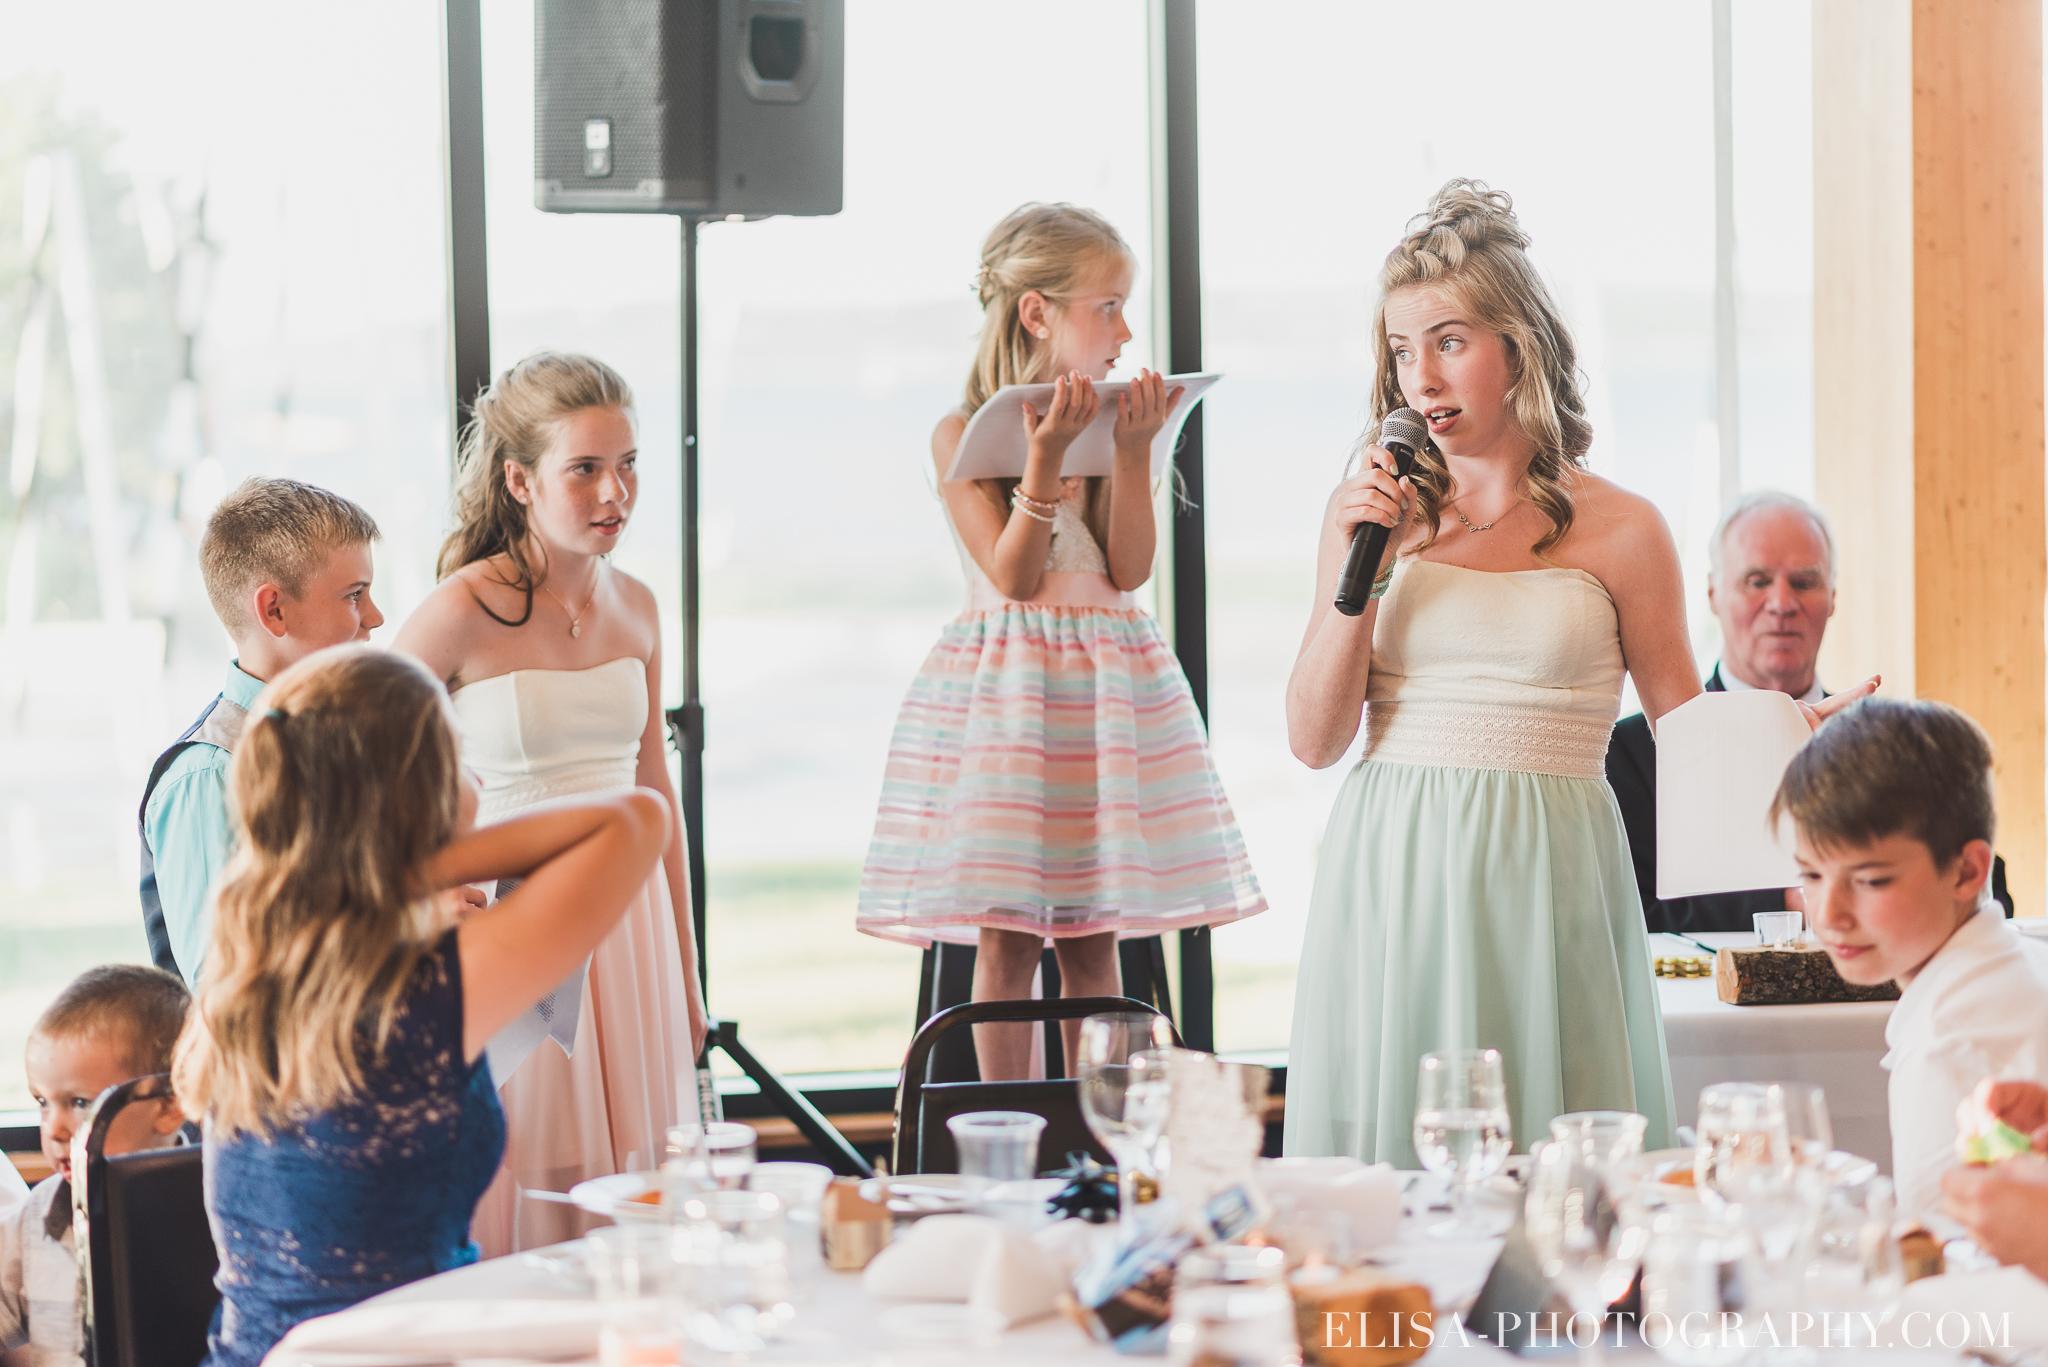 photo mariage quebec baie beauport reception fete danse des maries jeux soulier 8765 - Mariage à la plage de la baie de Beauport